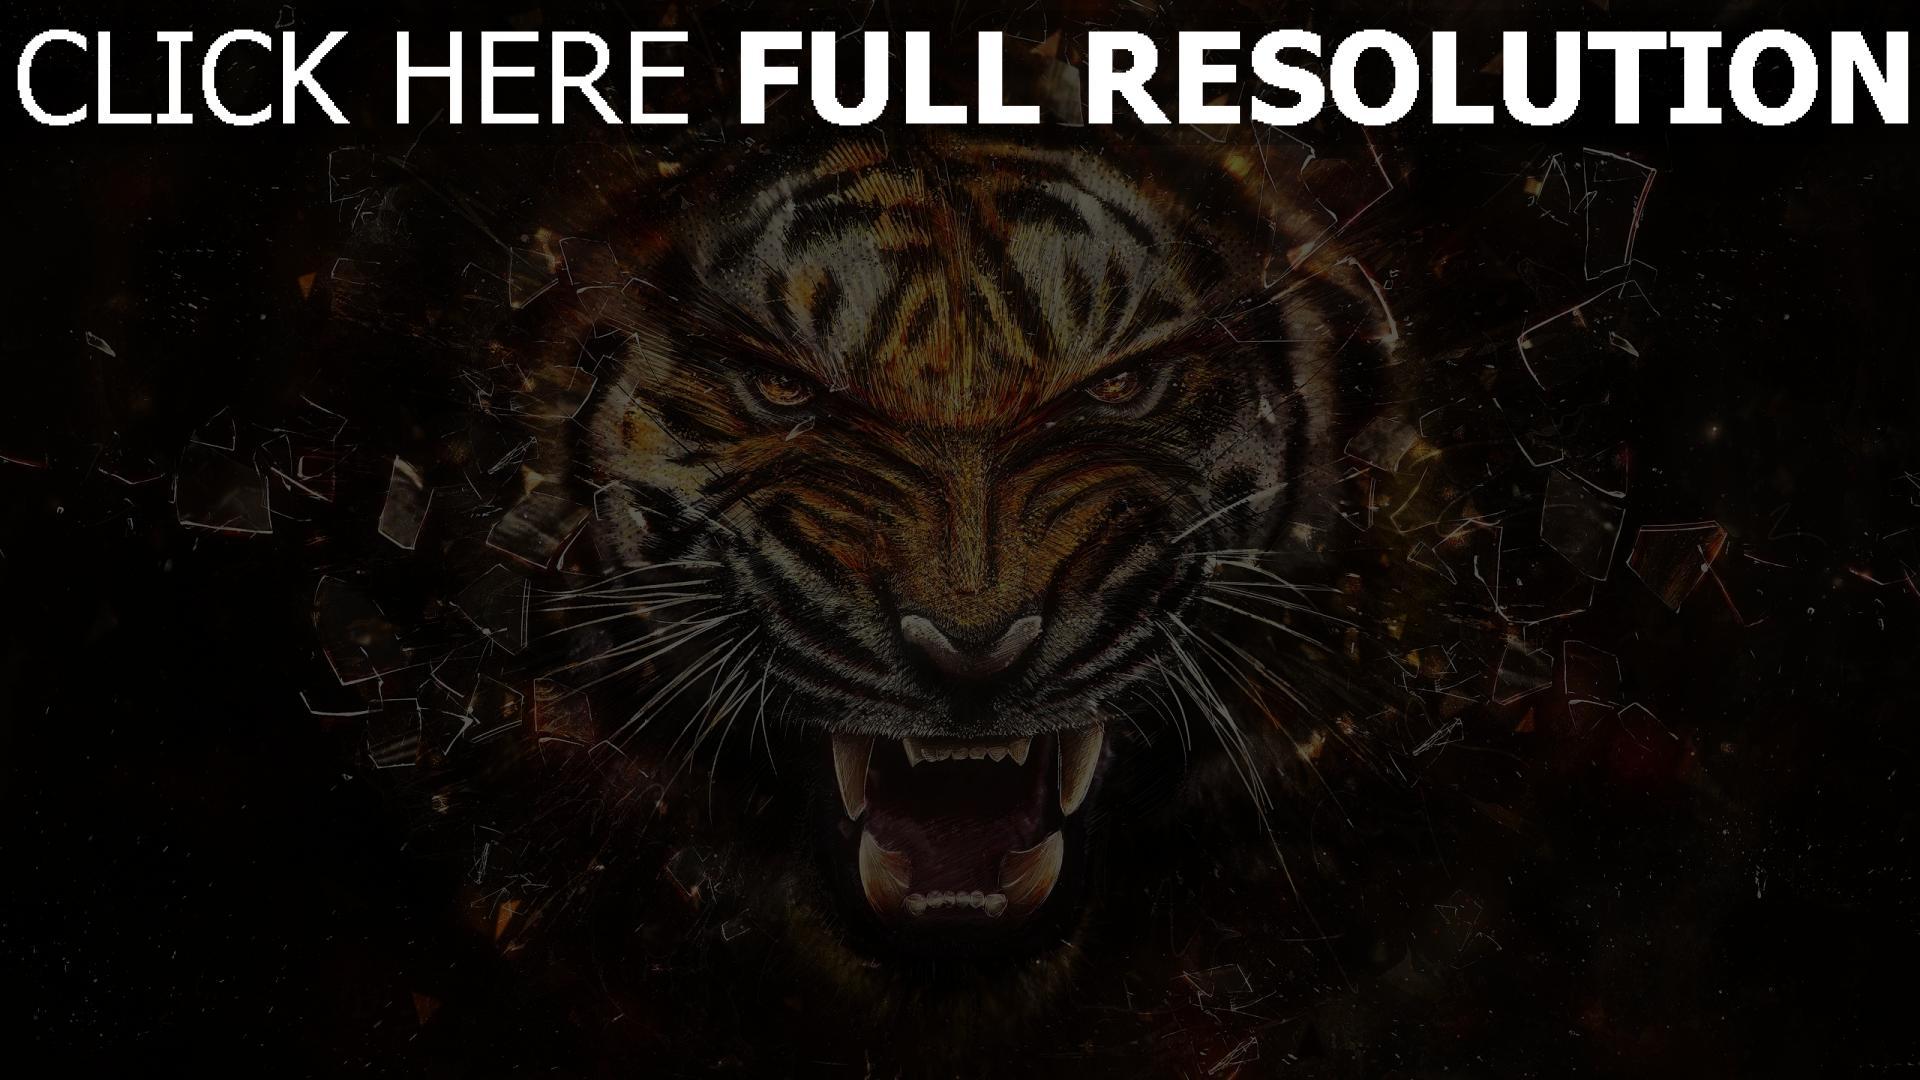 hd hintergrundbilder tiger scherben zähne dunkle 1920x1080